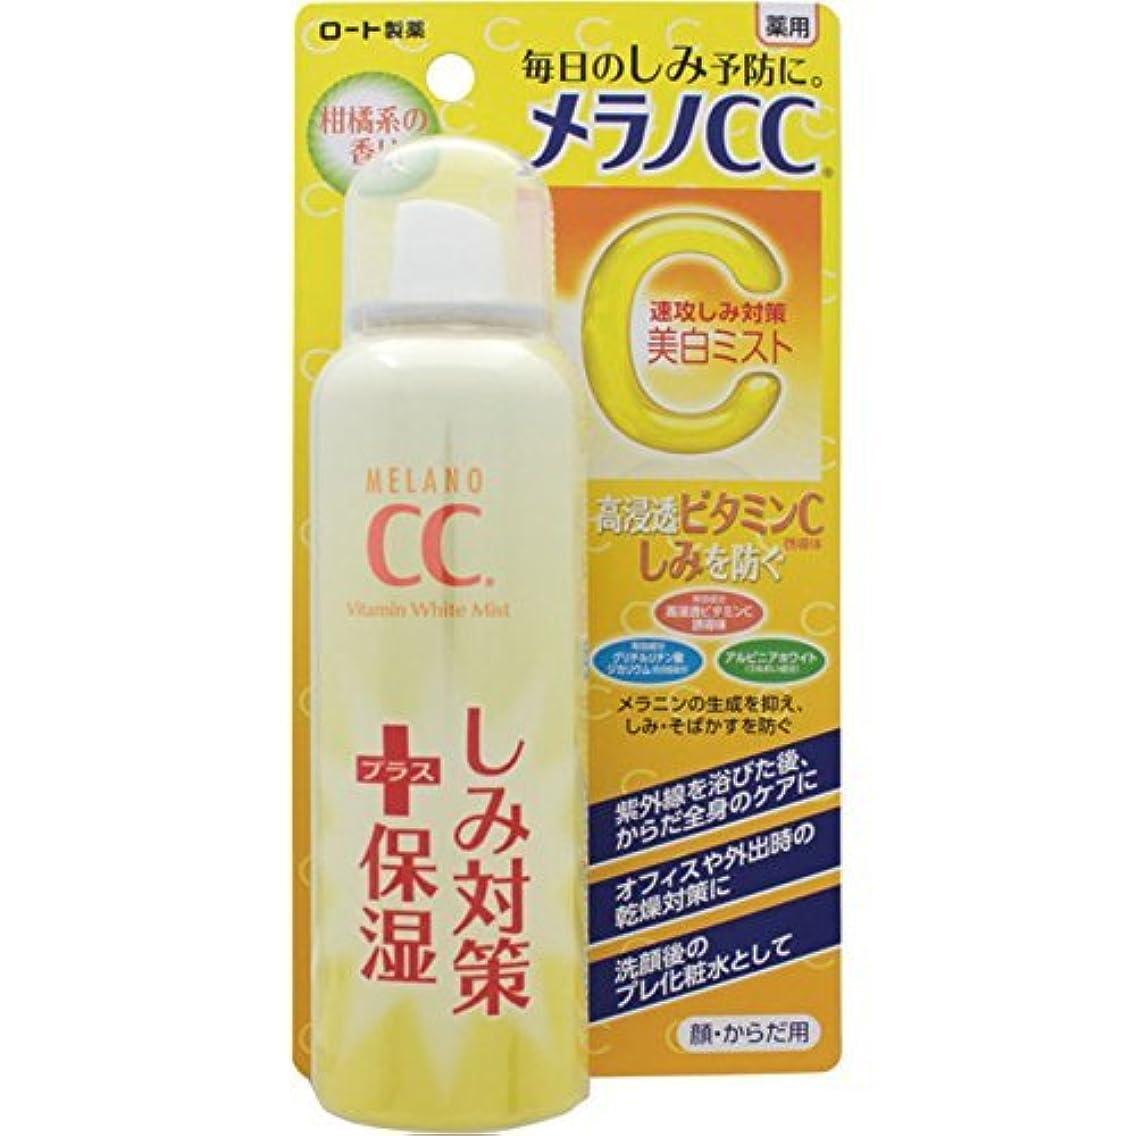 過敏な予備強度メラノCC 薬用しみ対策 美白ミスト化粧水 100g【医薬部外品】×36個(1ケース)